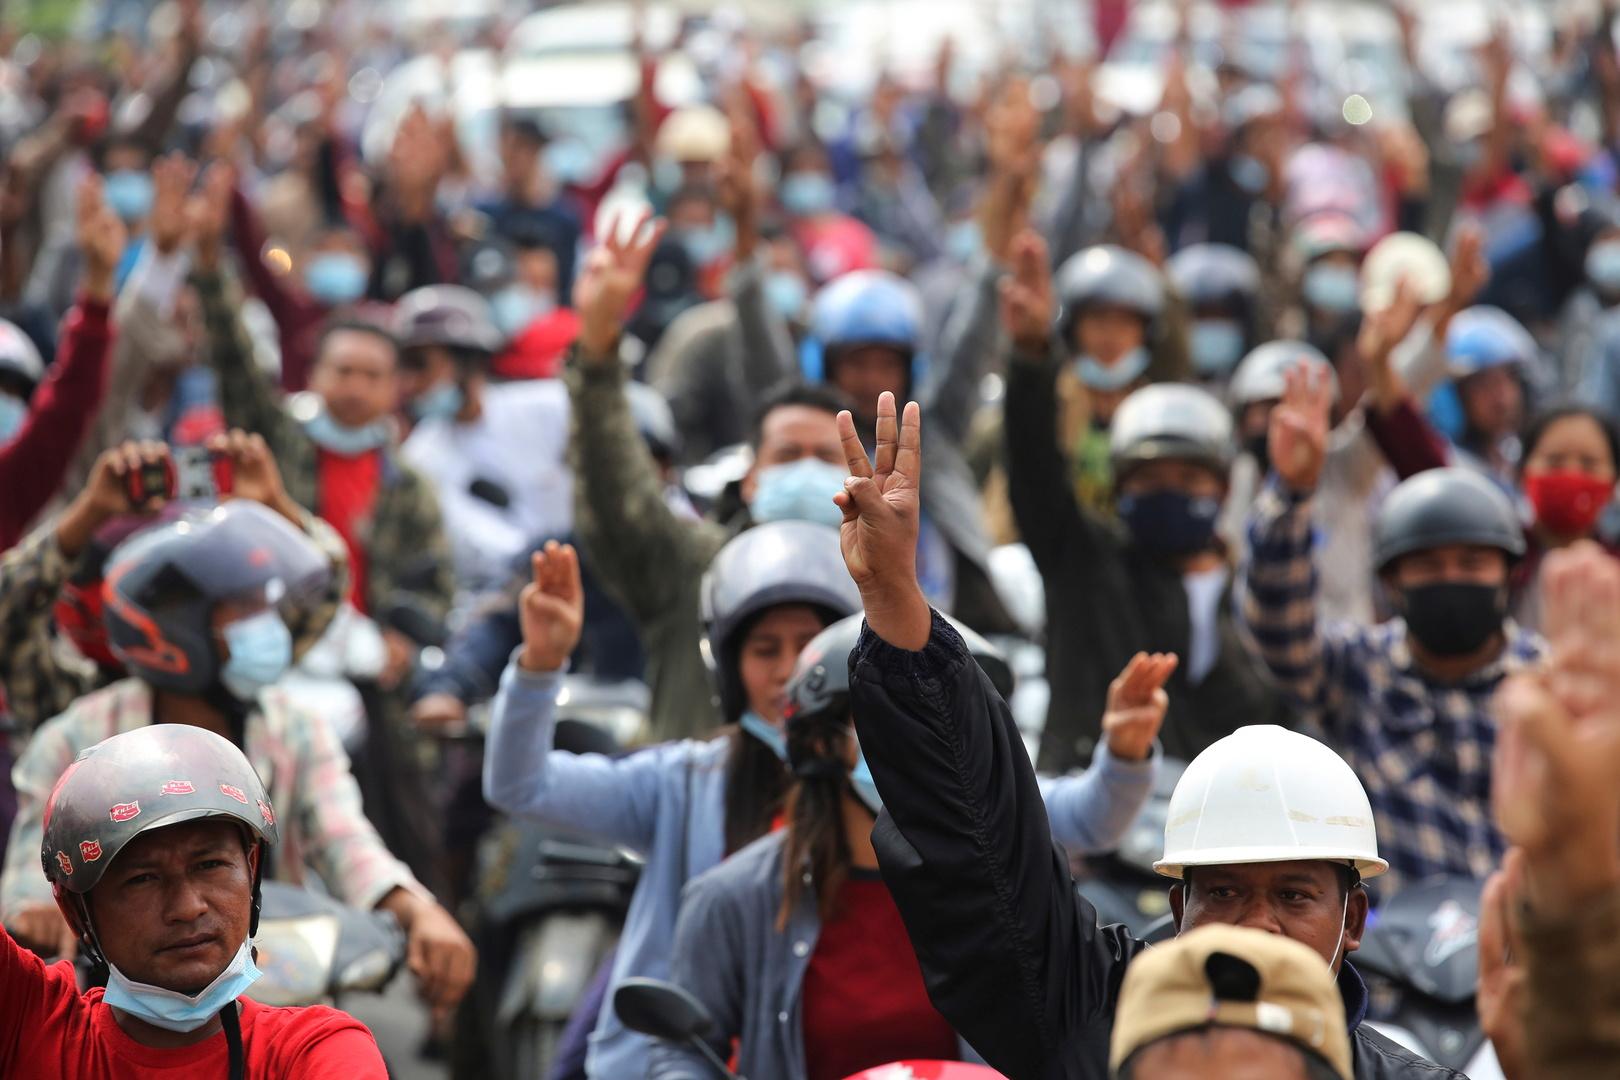 ميانمار.. الألوف يحتجون على الانقلاب بأكبر مظاهرات منذ ثورة الزعفران